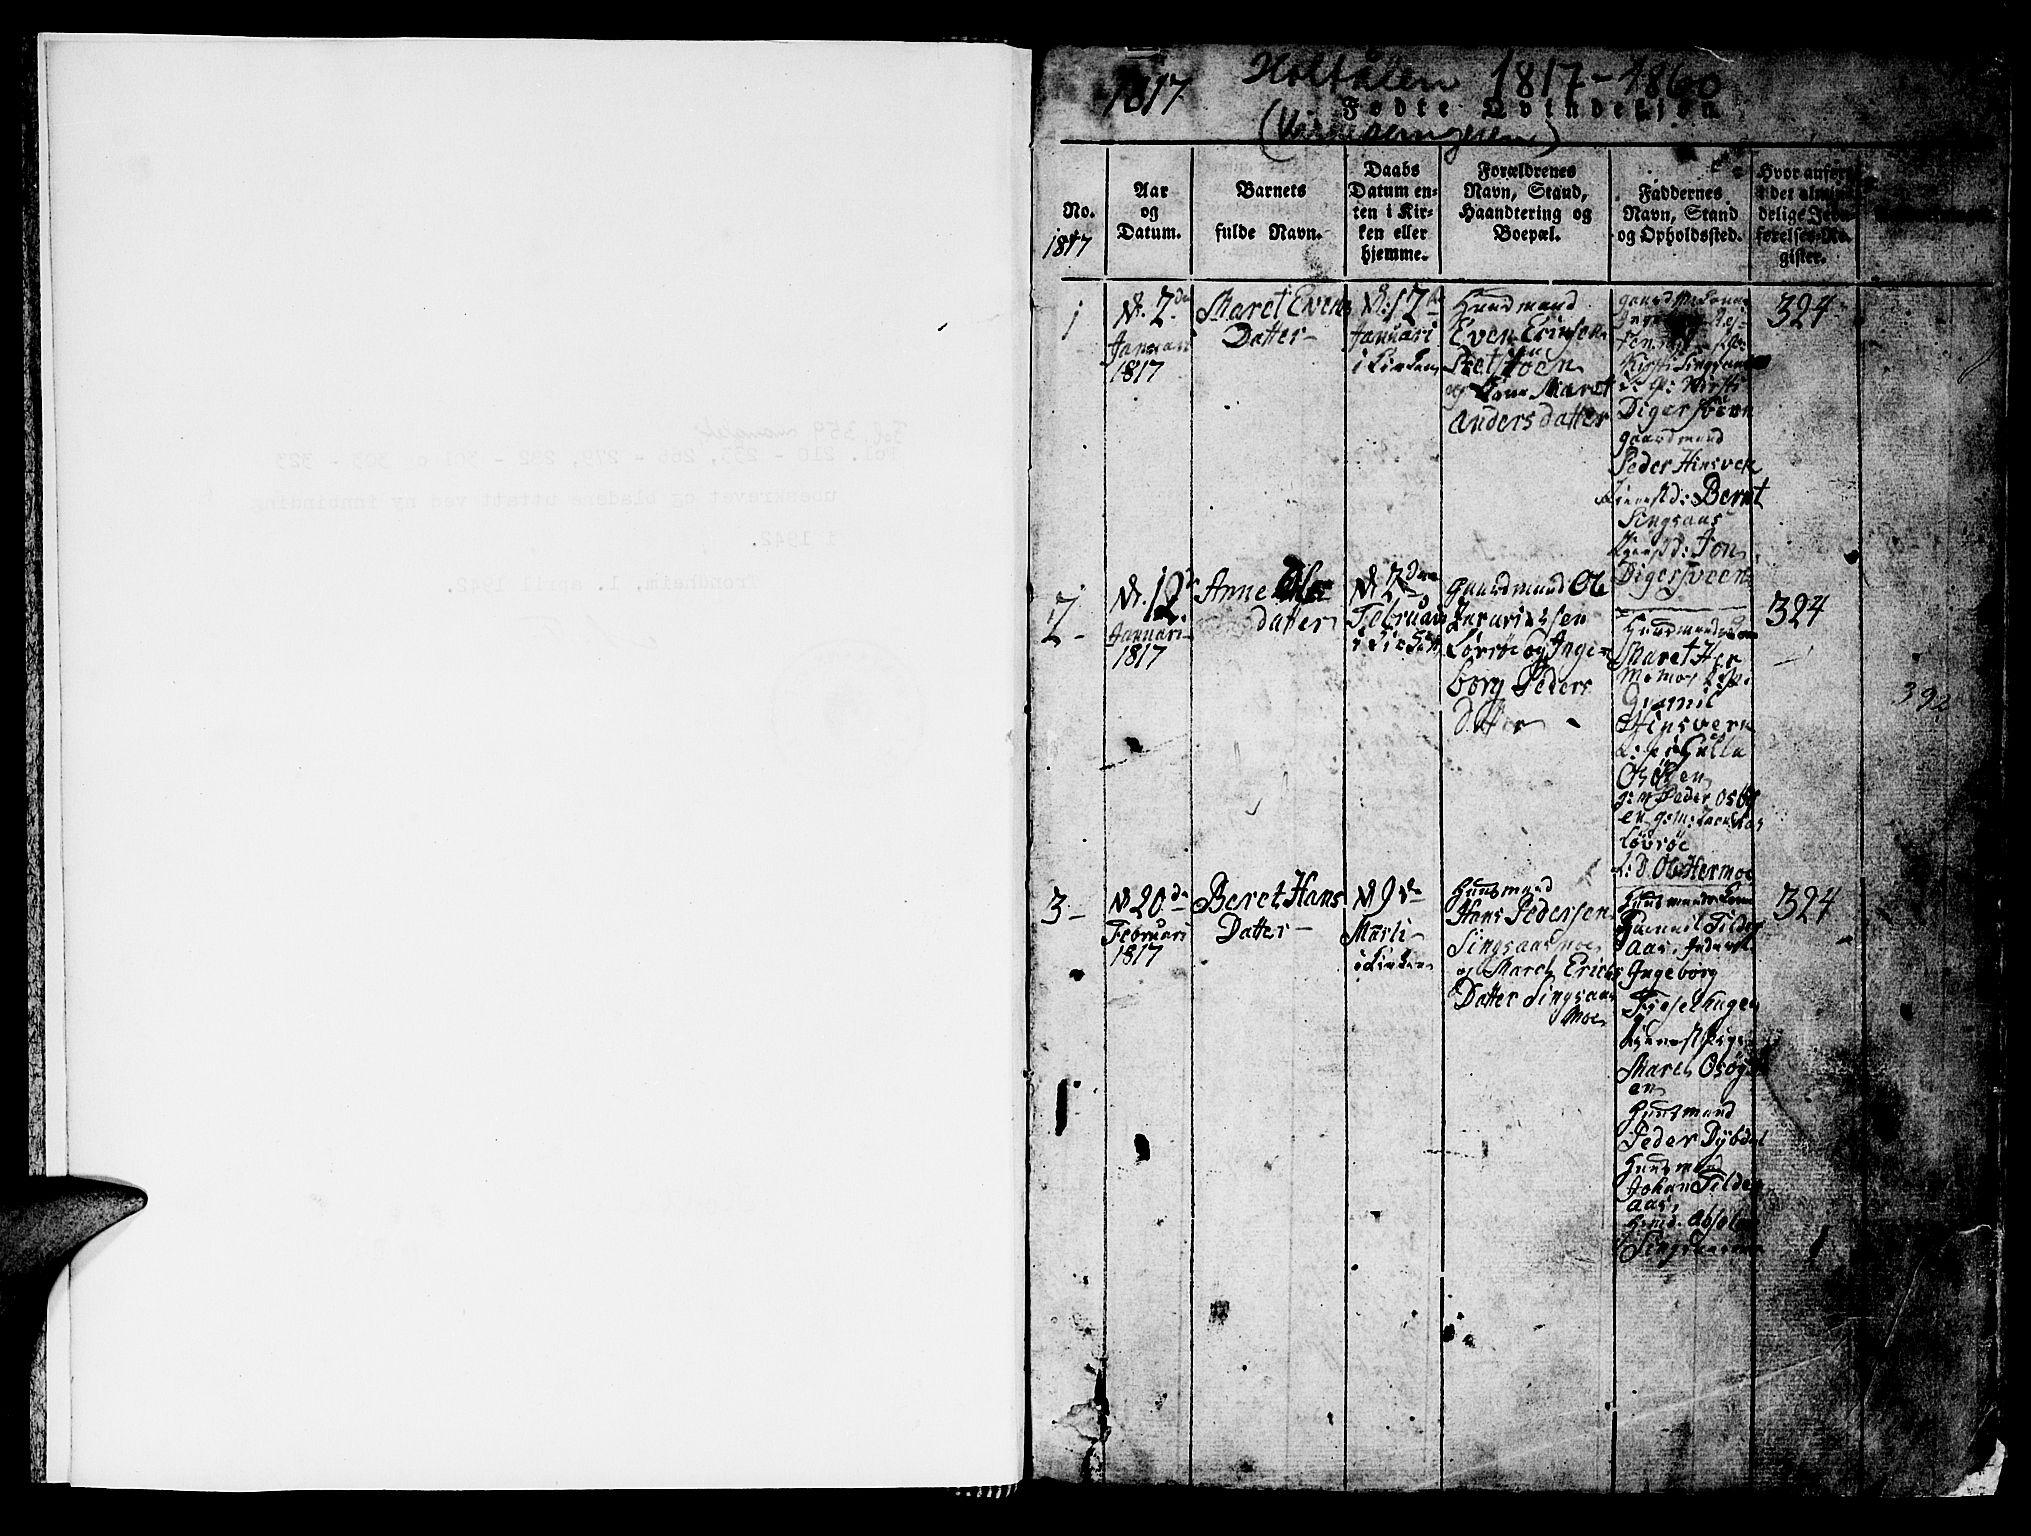 SAT, Ministerialprotokoller, klokkerbøker og fødselsregistre - Sør-Trøndelag, 688/L1026: Klokkerbok nr. 688C01, 1817-1860, s. 1